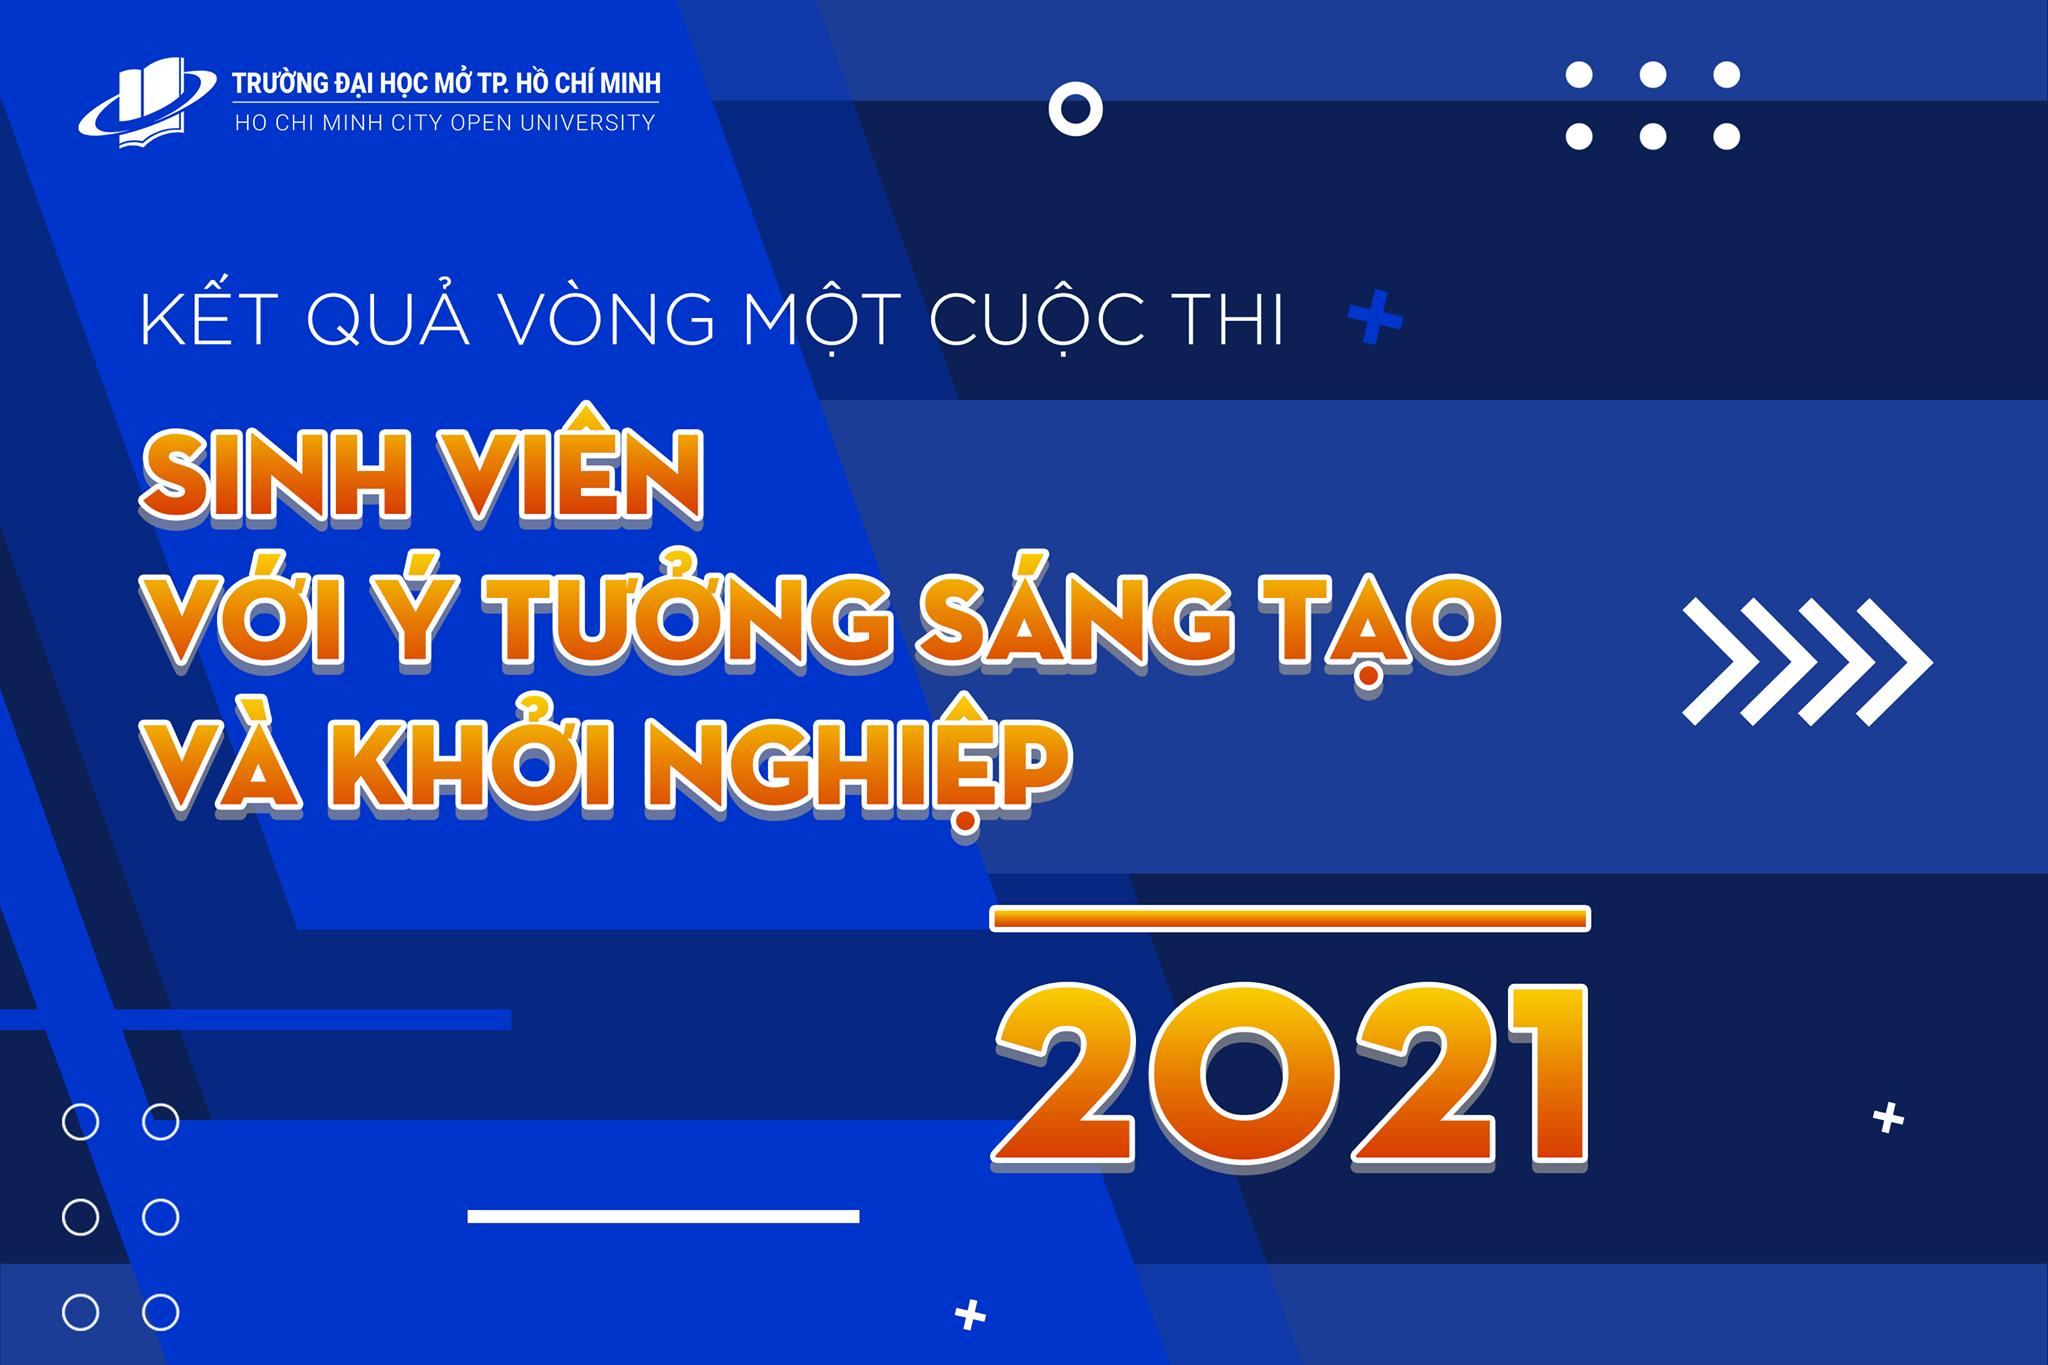 """Thông báo kết quả vòng 1 và tổ chức vòng 2  Cuộc thi """"Sinh viên với ý tưởng sáng tạo và khởi nghiệp"""" – Năm 2021"""